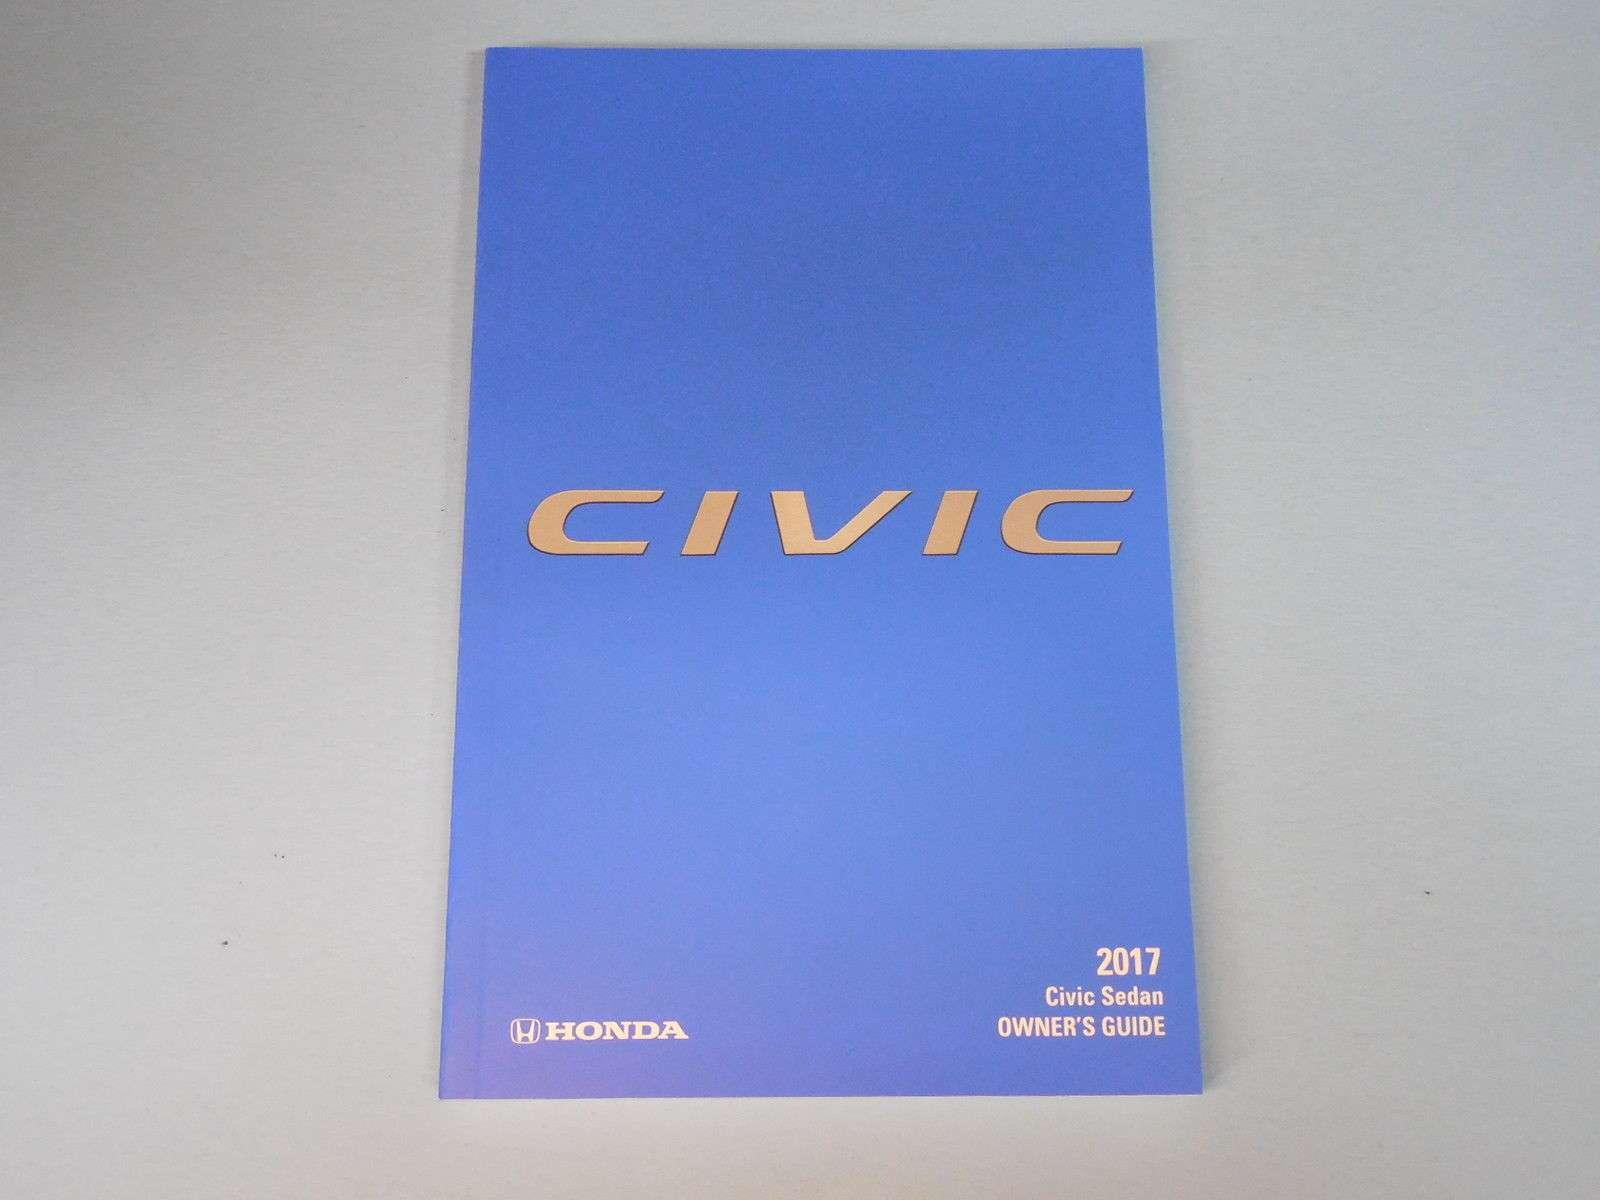 2017 honda civic sedan owner s manual for 2017 honda civic owner s manual